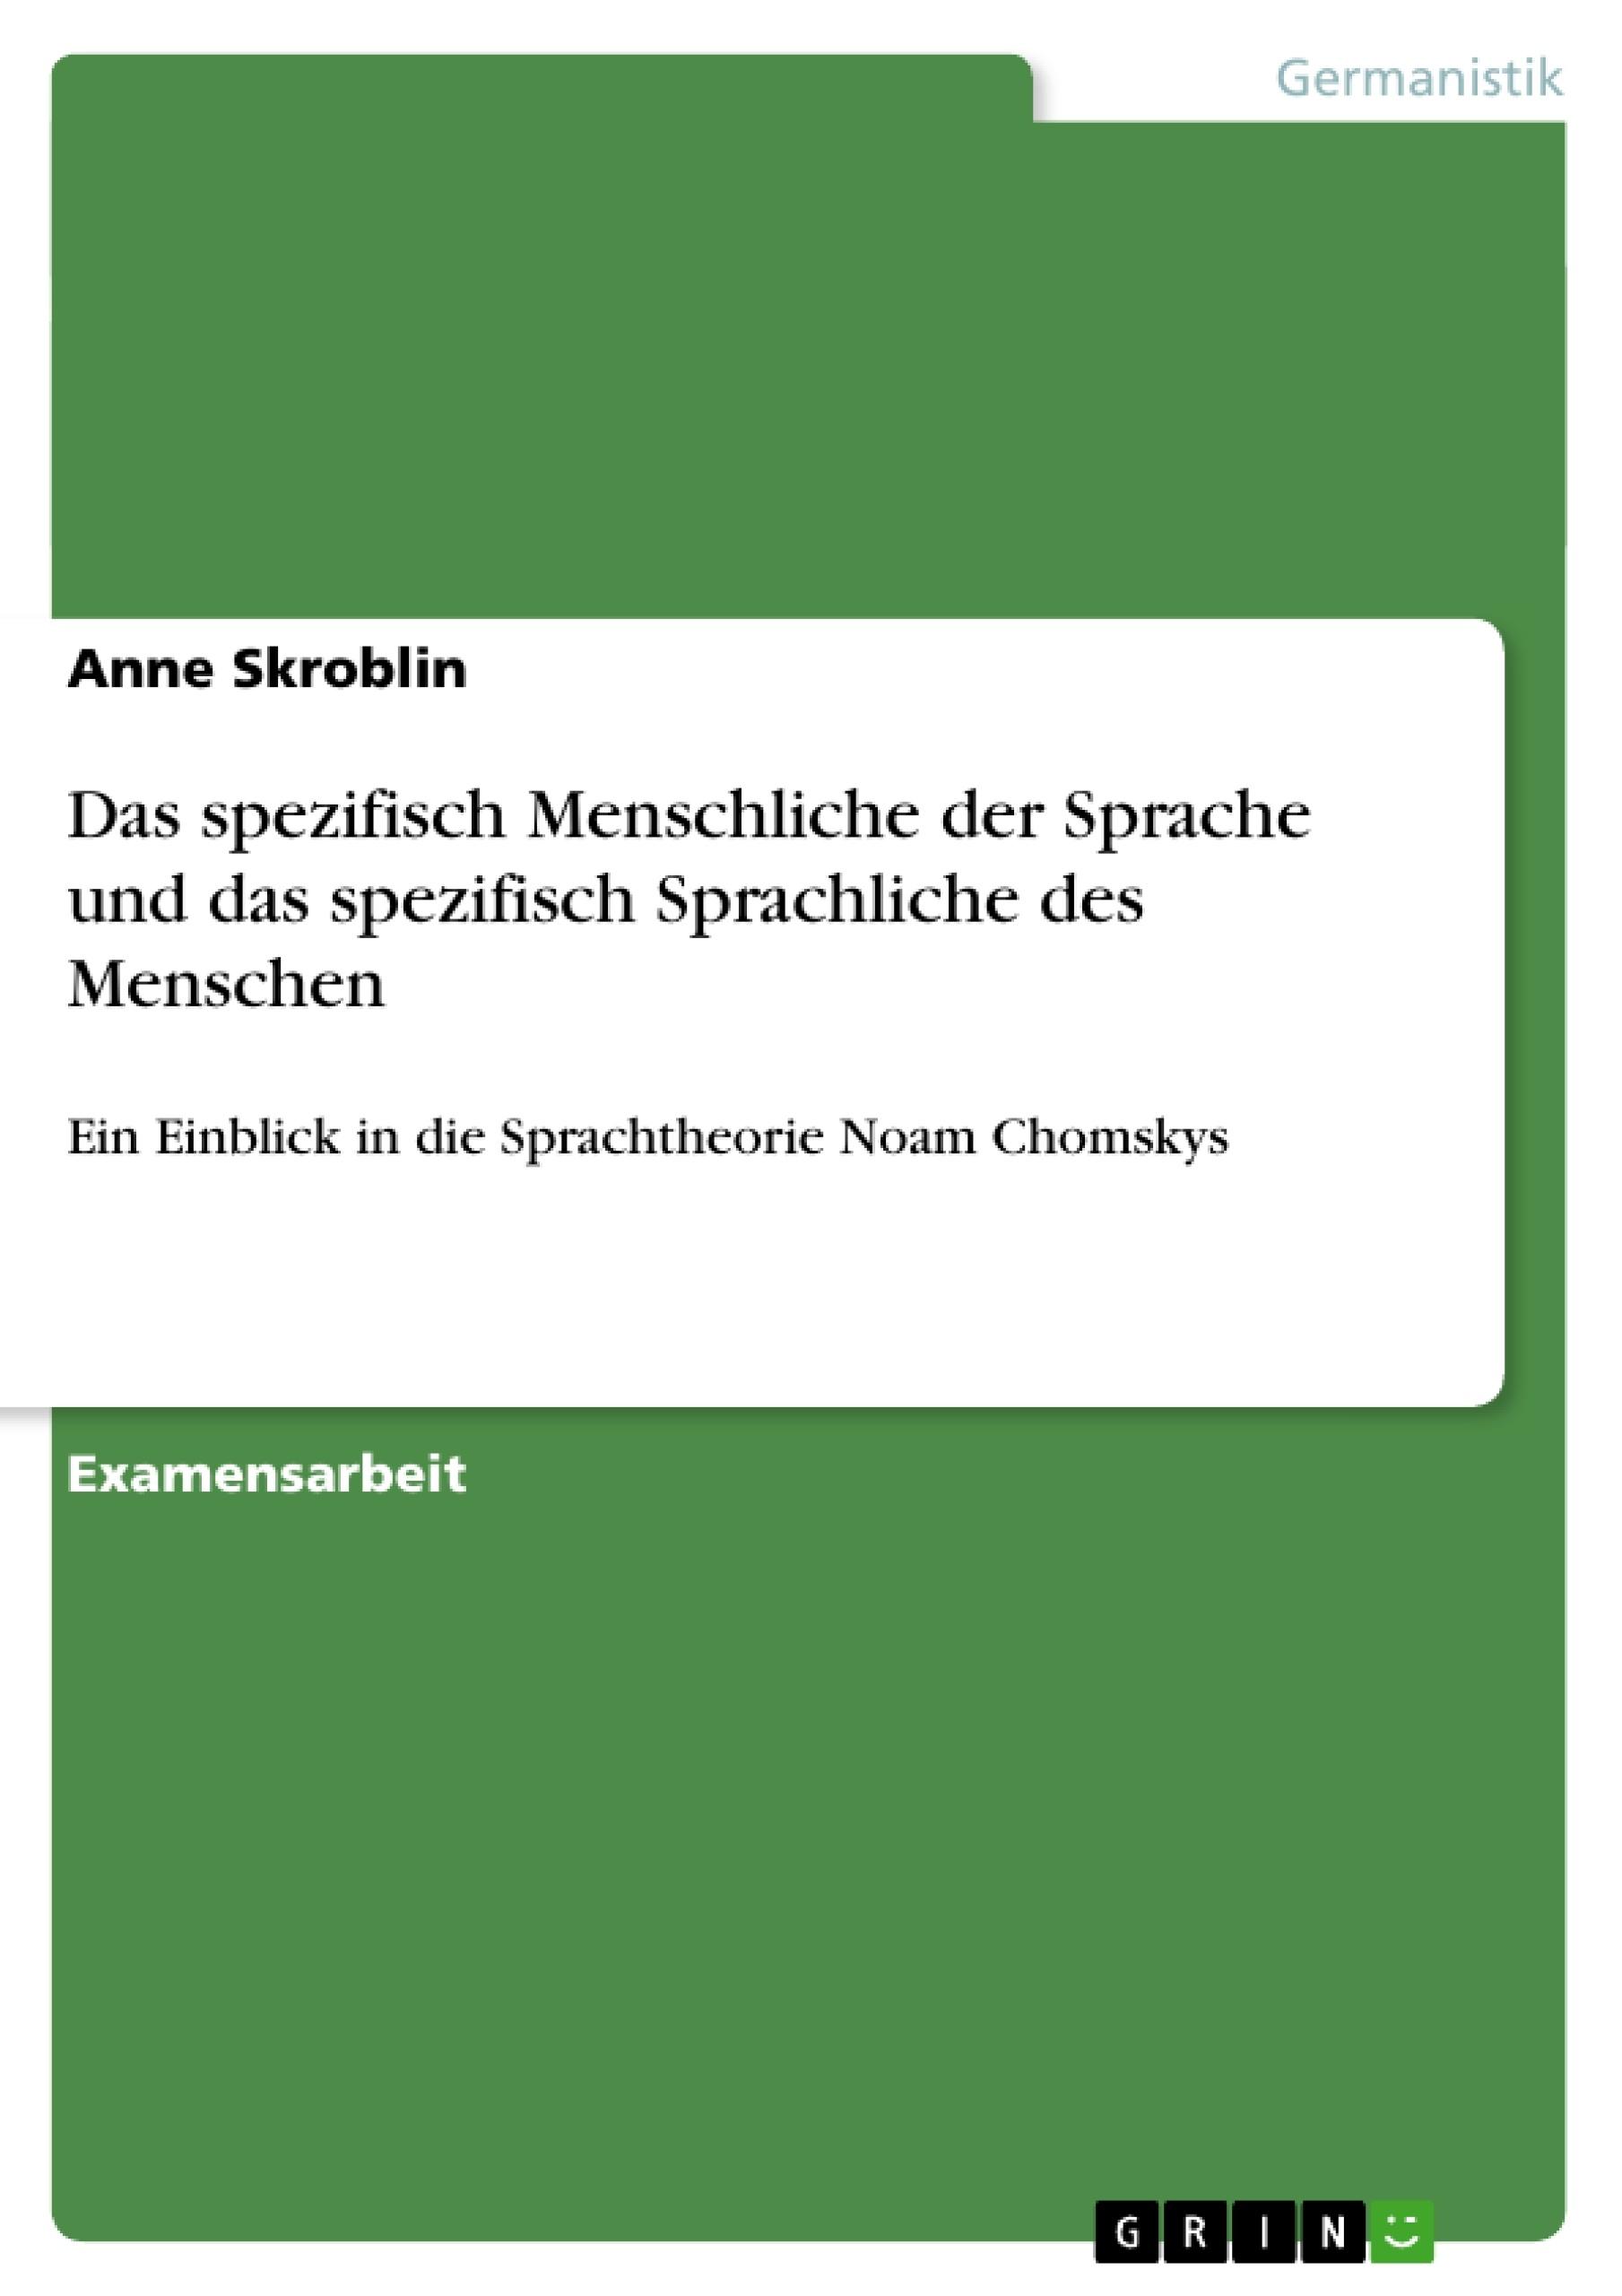 Titel: Das spezifisch Menschliche der Sprache und das spezifisch Sprachliche des Menschen